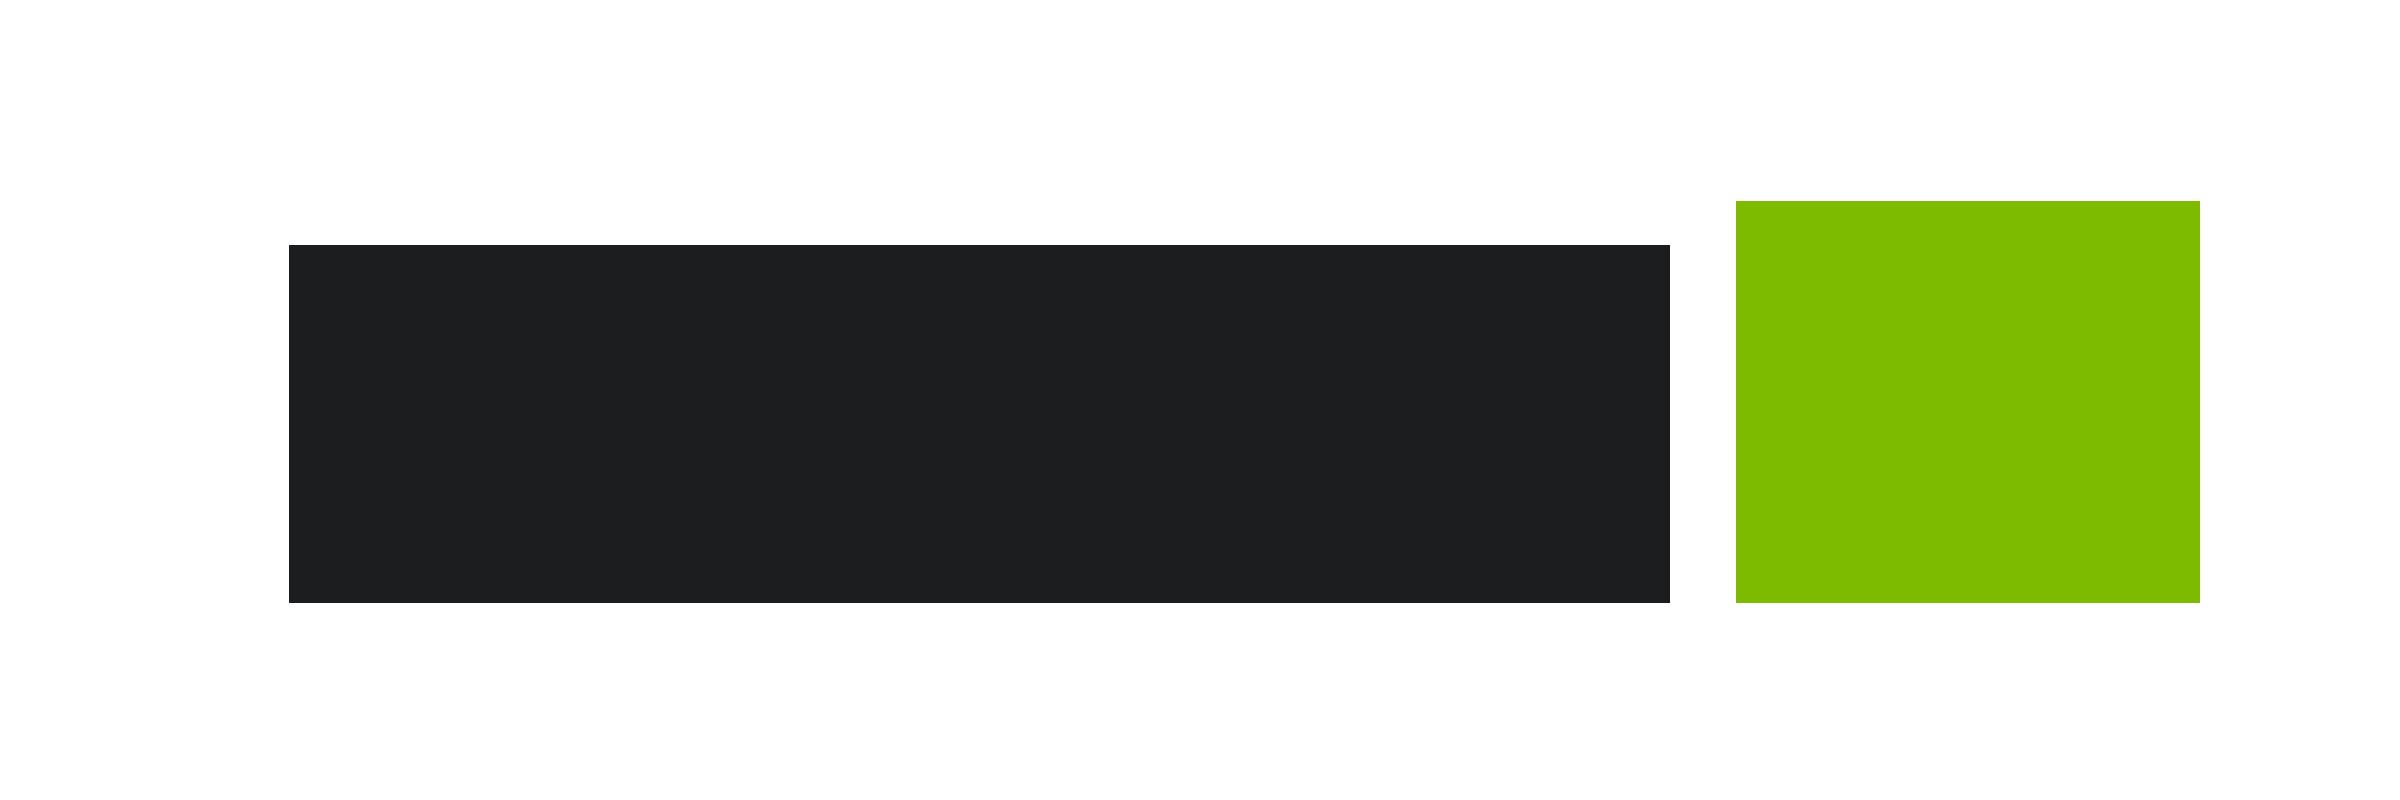 Create and Add Slideshow of SmugMug Photo Gallery on WordPress Sites